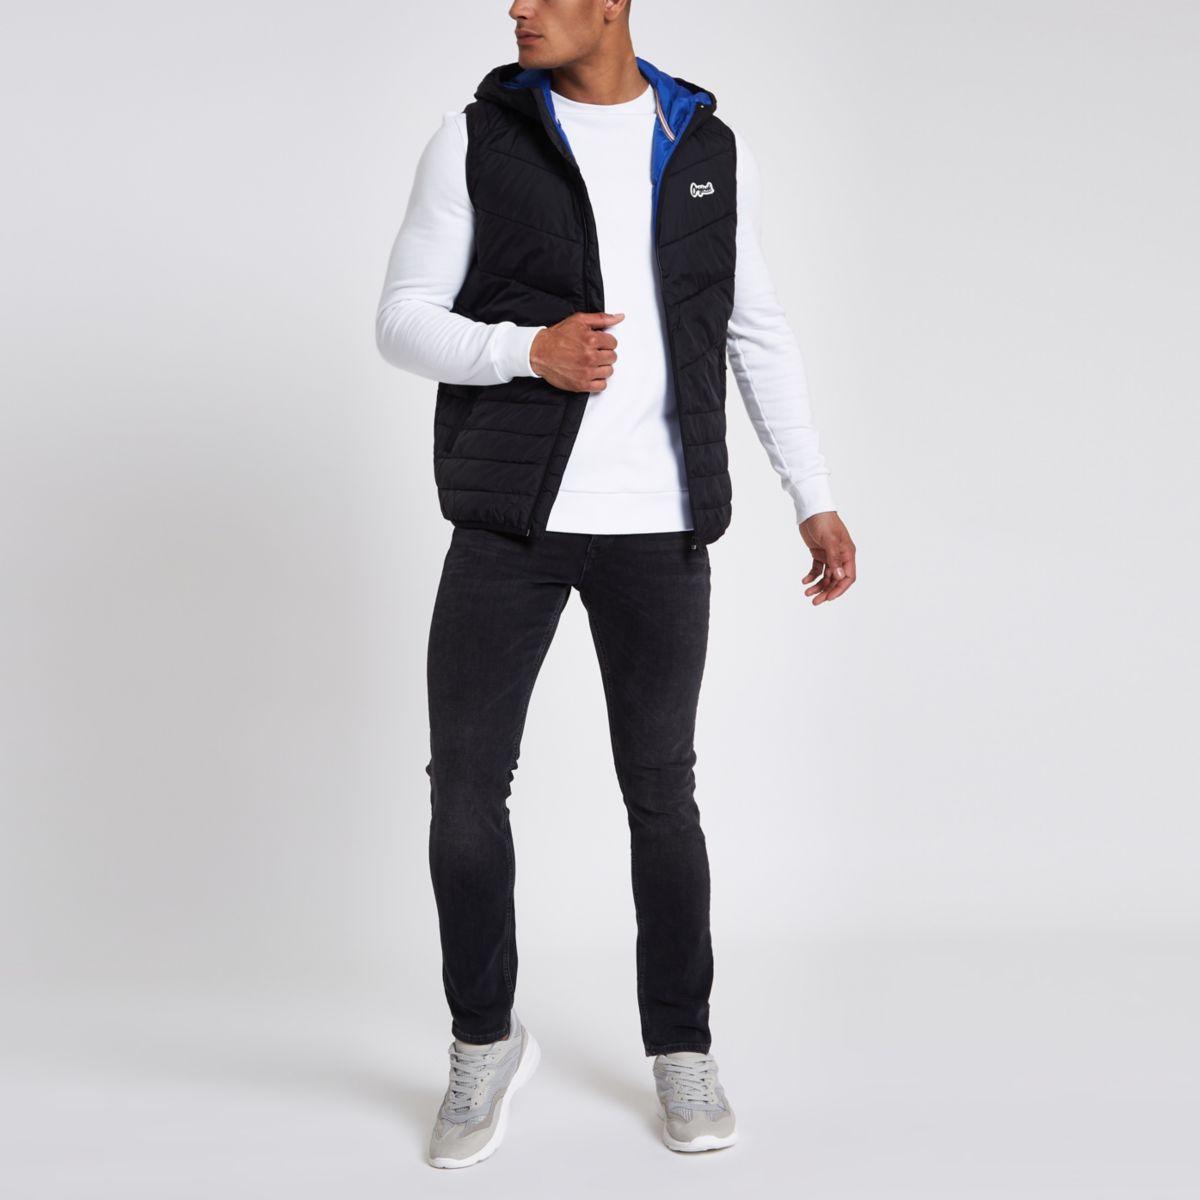 Jack & Jones Originals black puffer vest